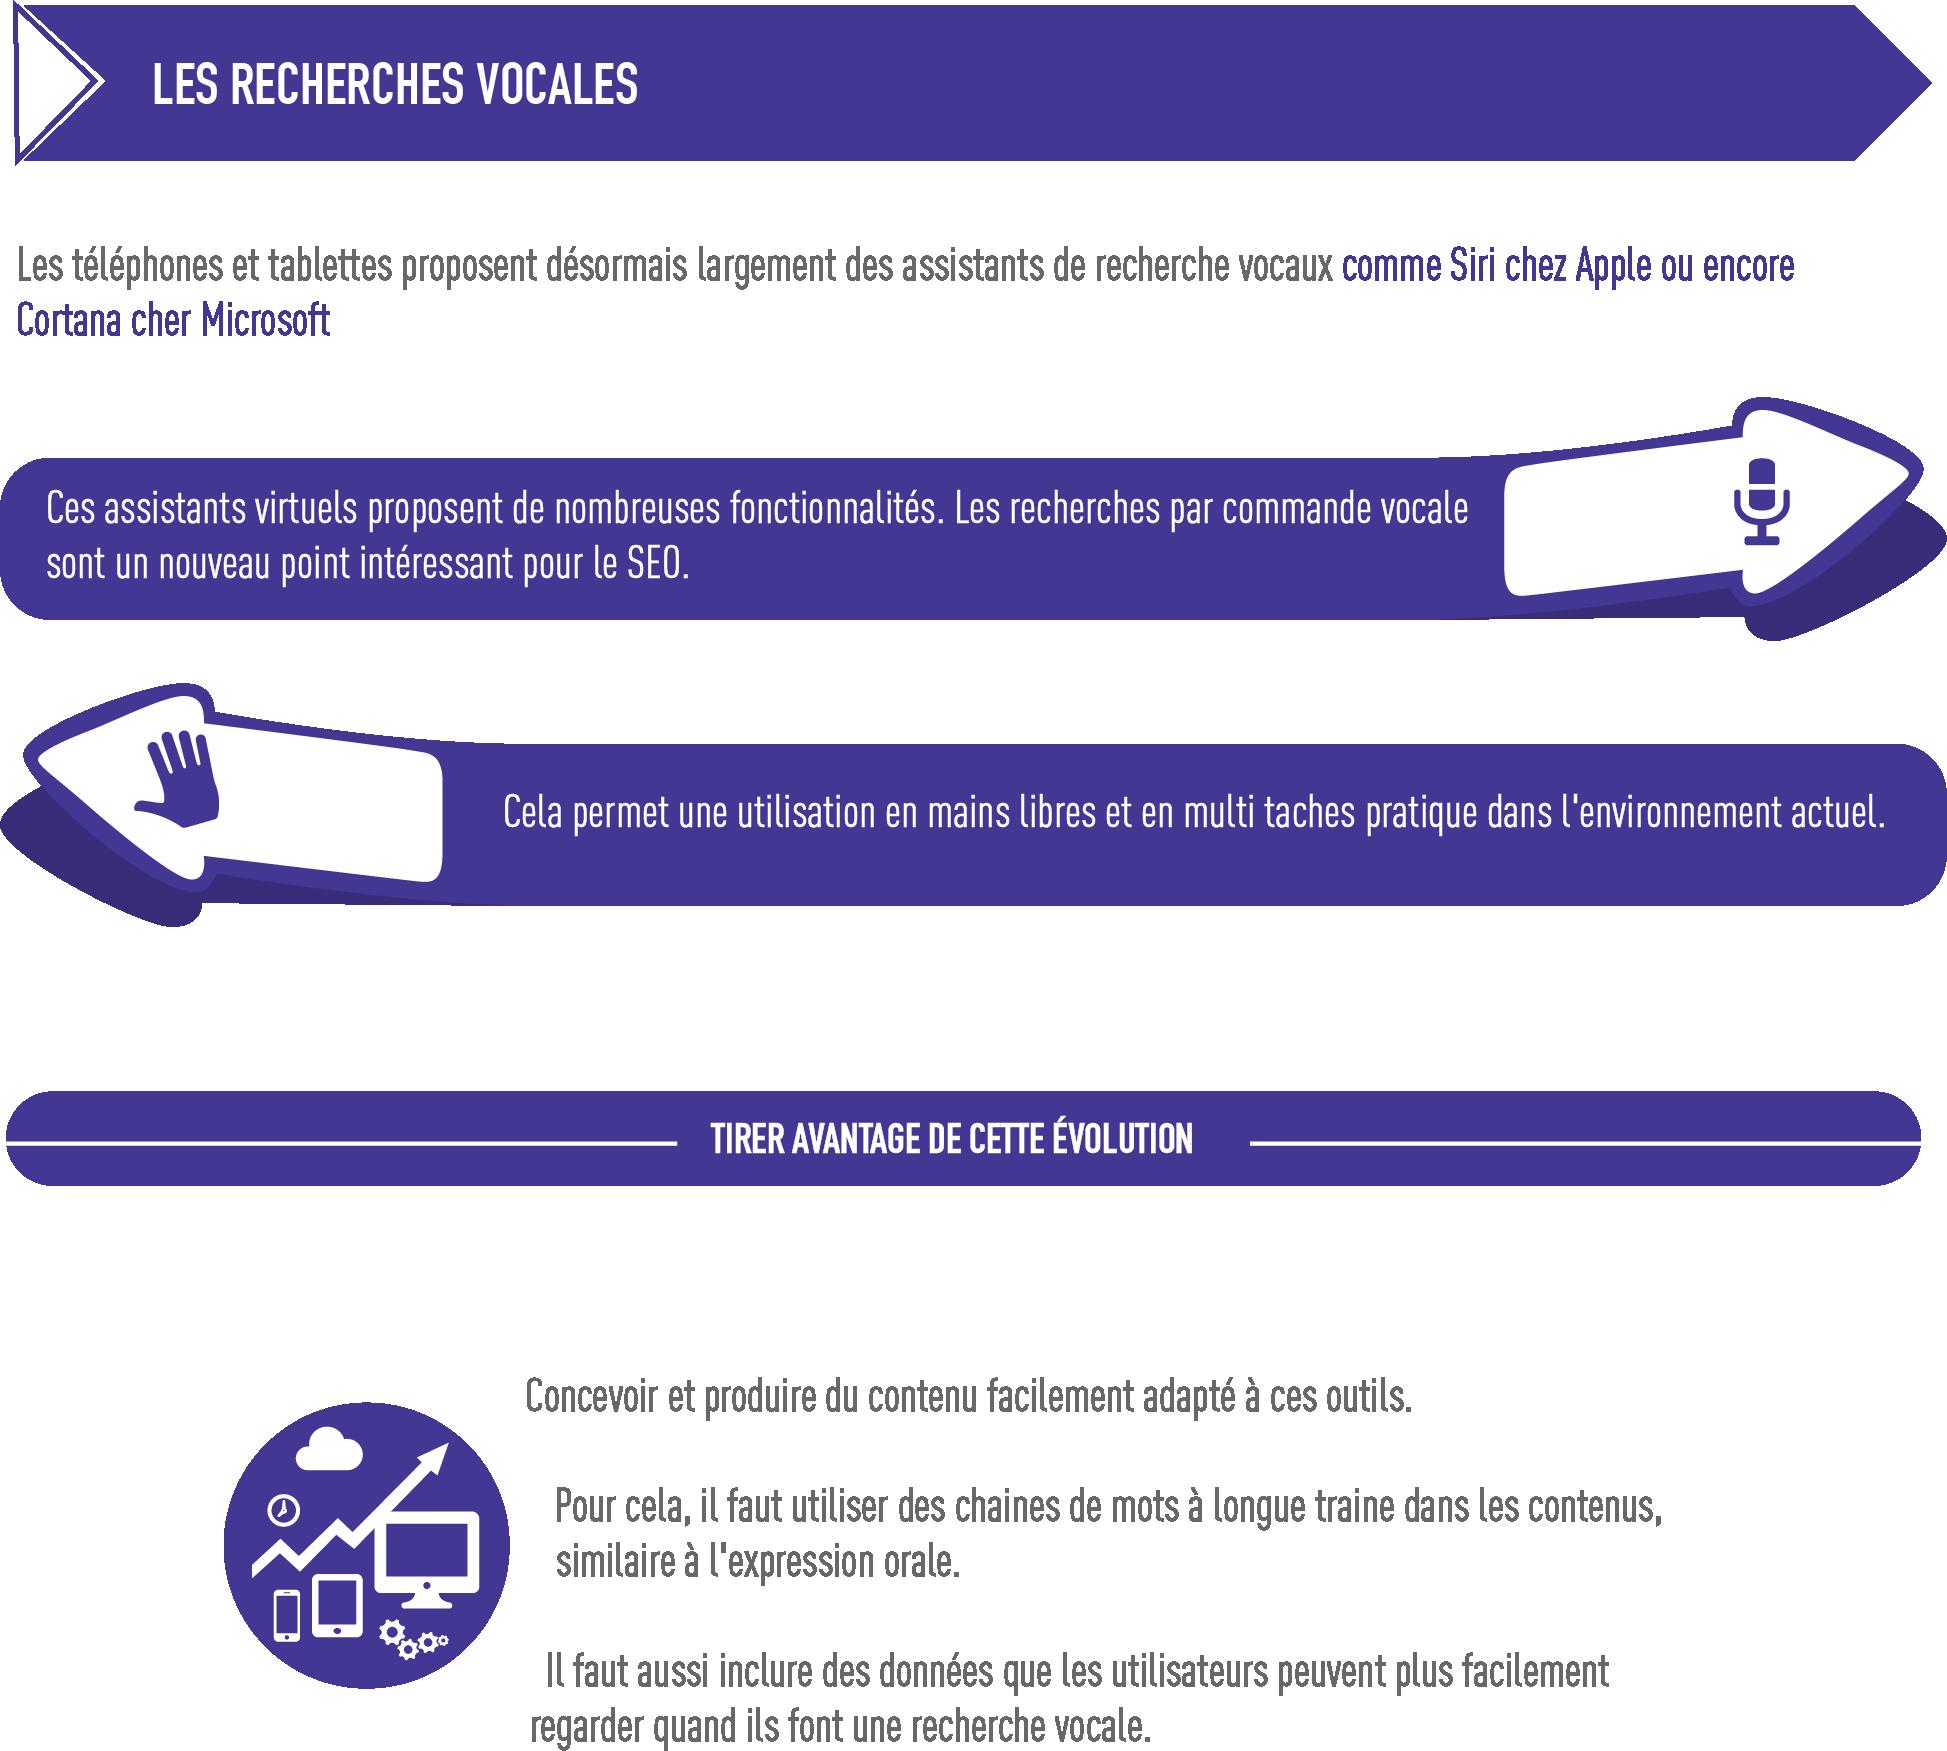 Habefast Infographie Seo Strategie Referencement Naturel Recherche Vocale 2018